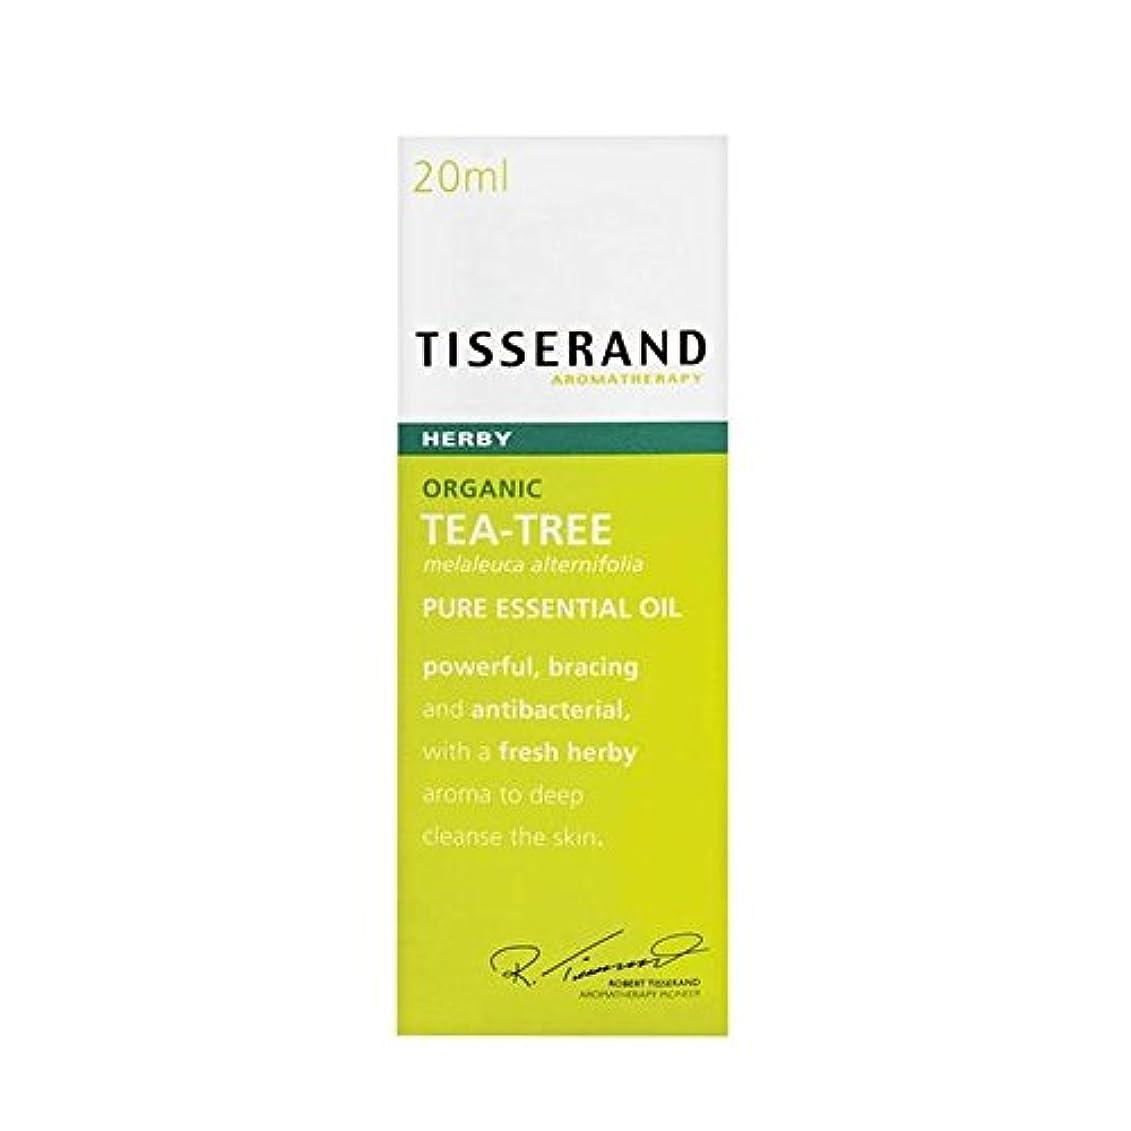 キラウエア山ケーキインスタントTisserand Tea Tree Organic Pure Essential Oil 20ml - ティスランドティーツリーオーガニックピュアエッセンシャルオイル20ミリリットル [並行輸入品]